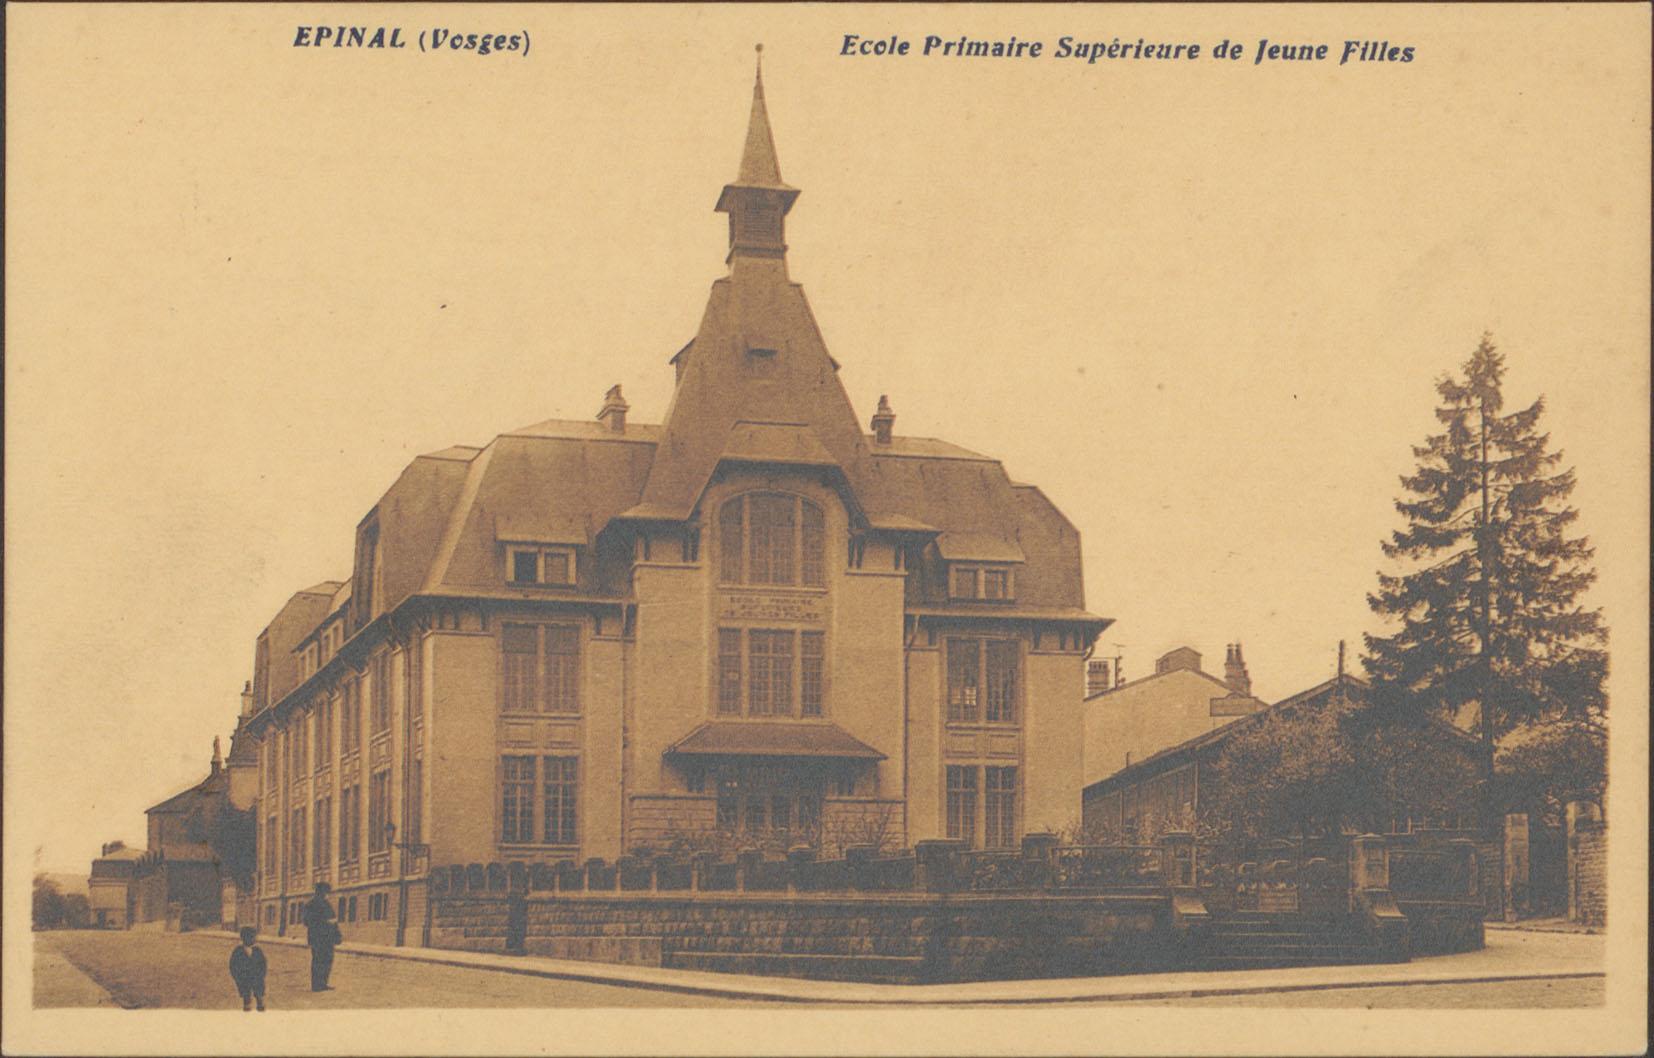 Contenu du Épinal (Vosges), École Primaire Supérieure de Jeune [sic] Filles